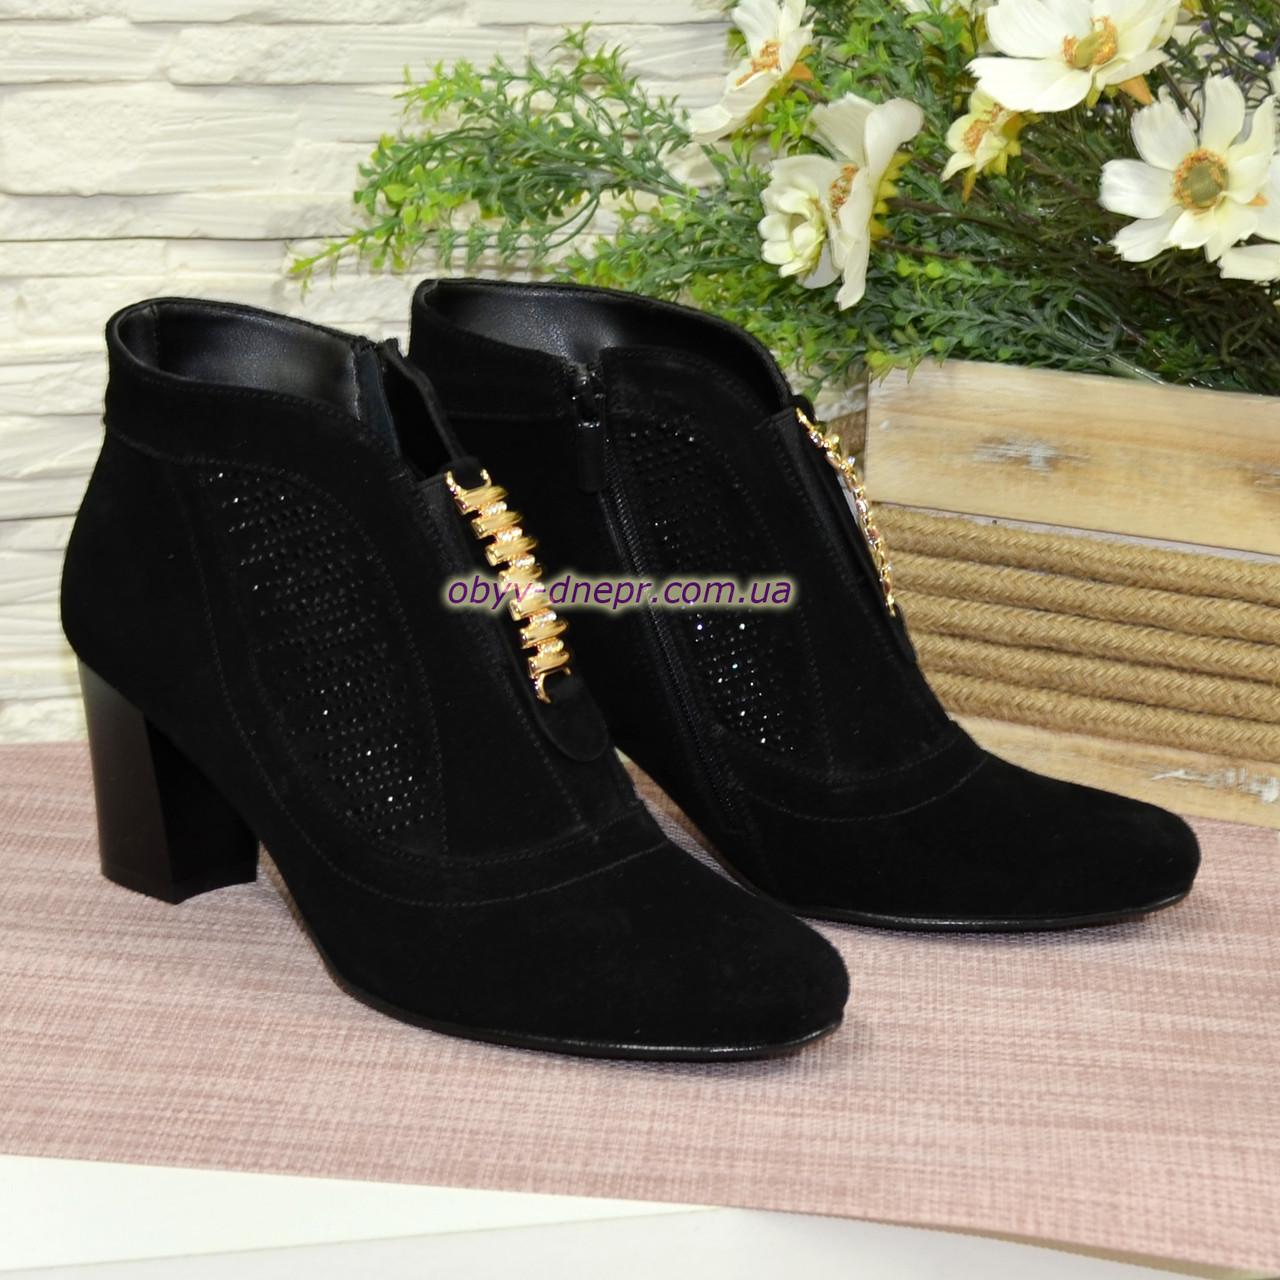 Стильные женские замшевые   ботинки, декорированы стразами и фурнитурой